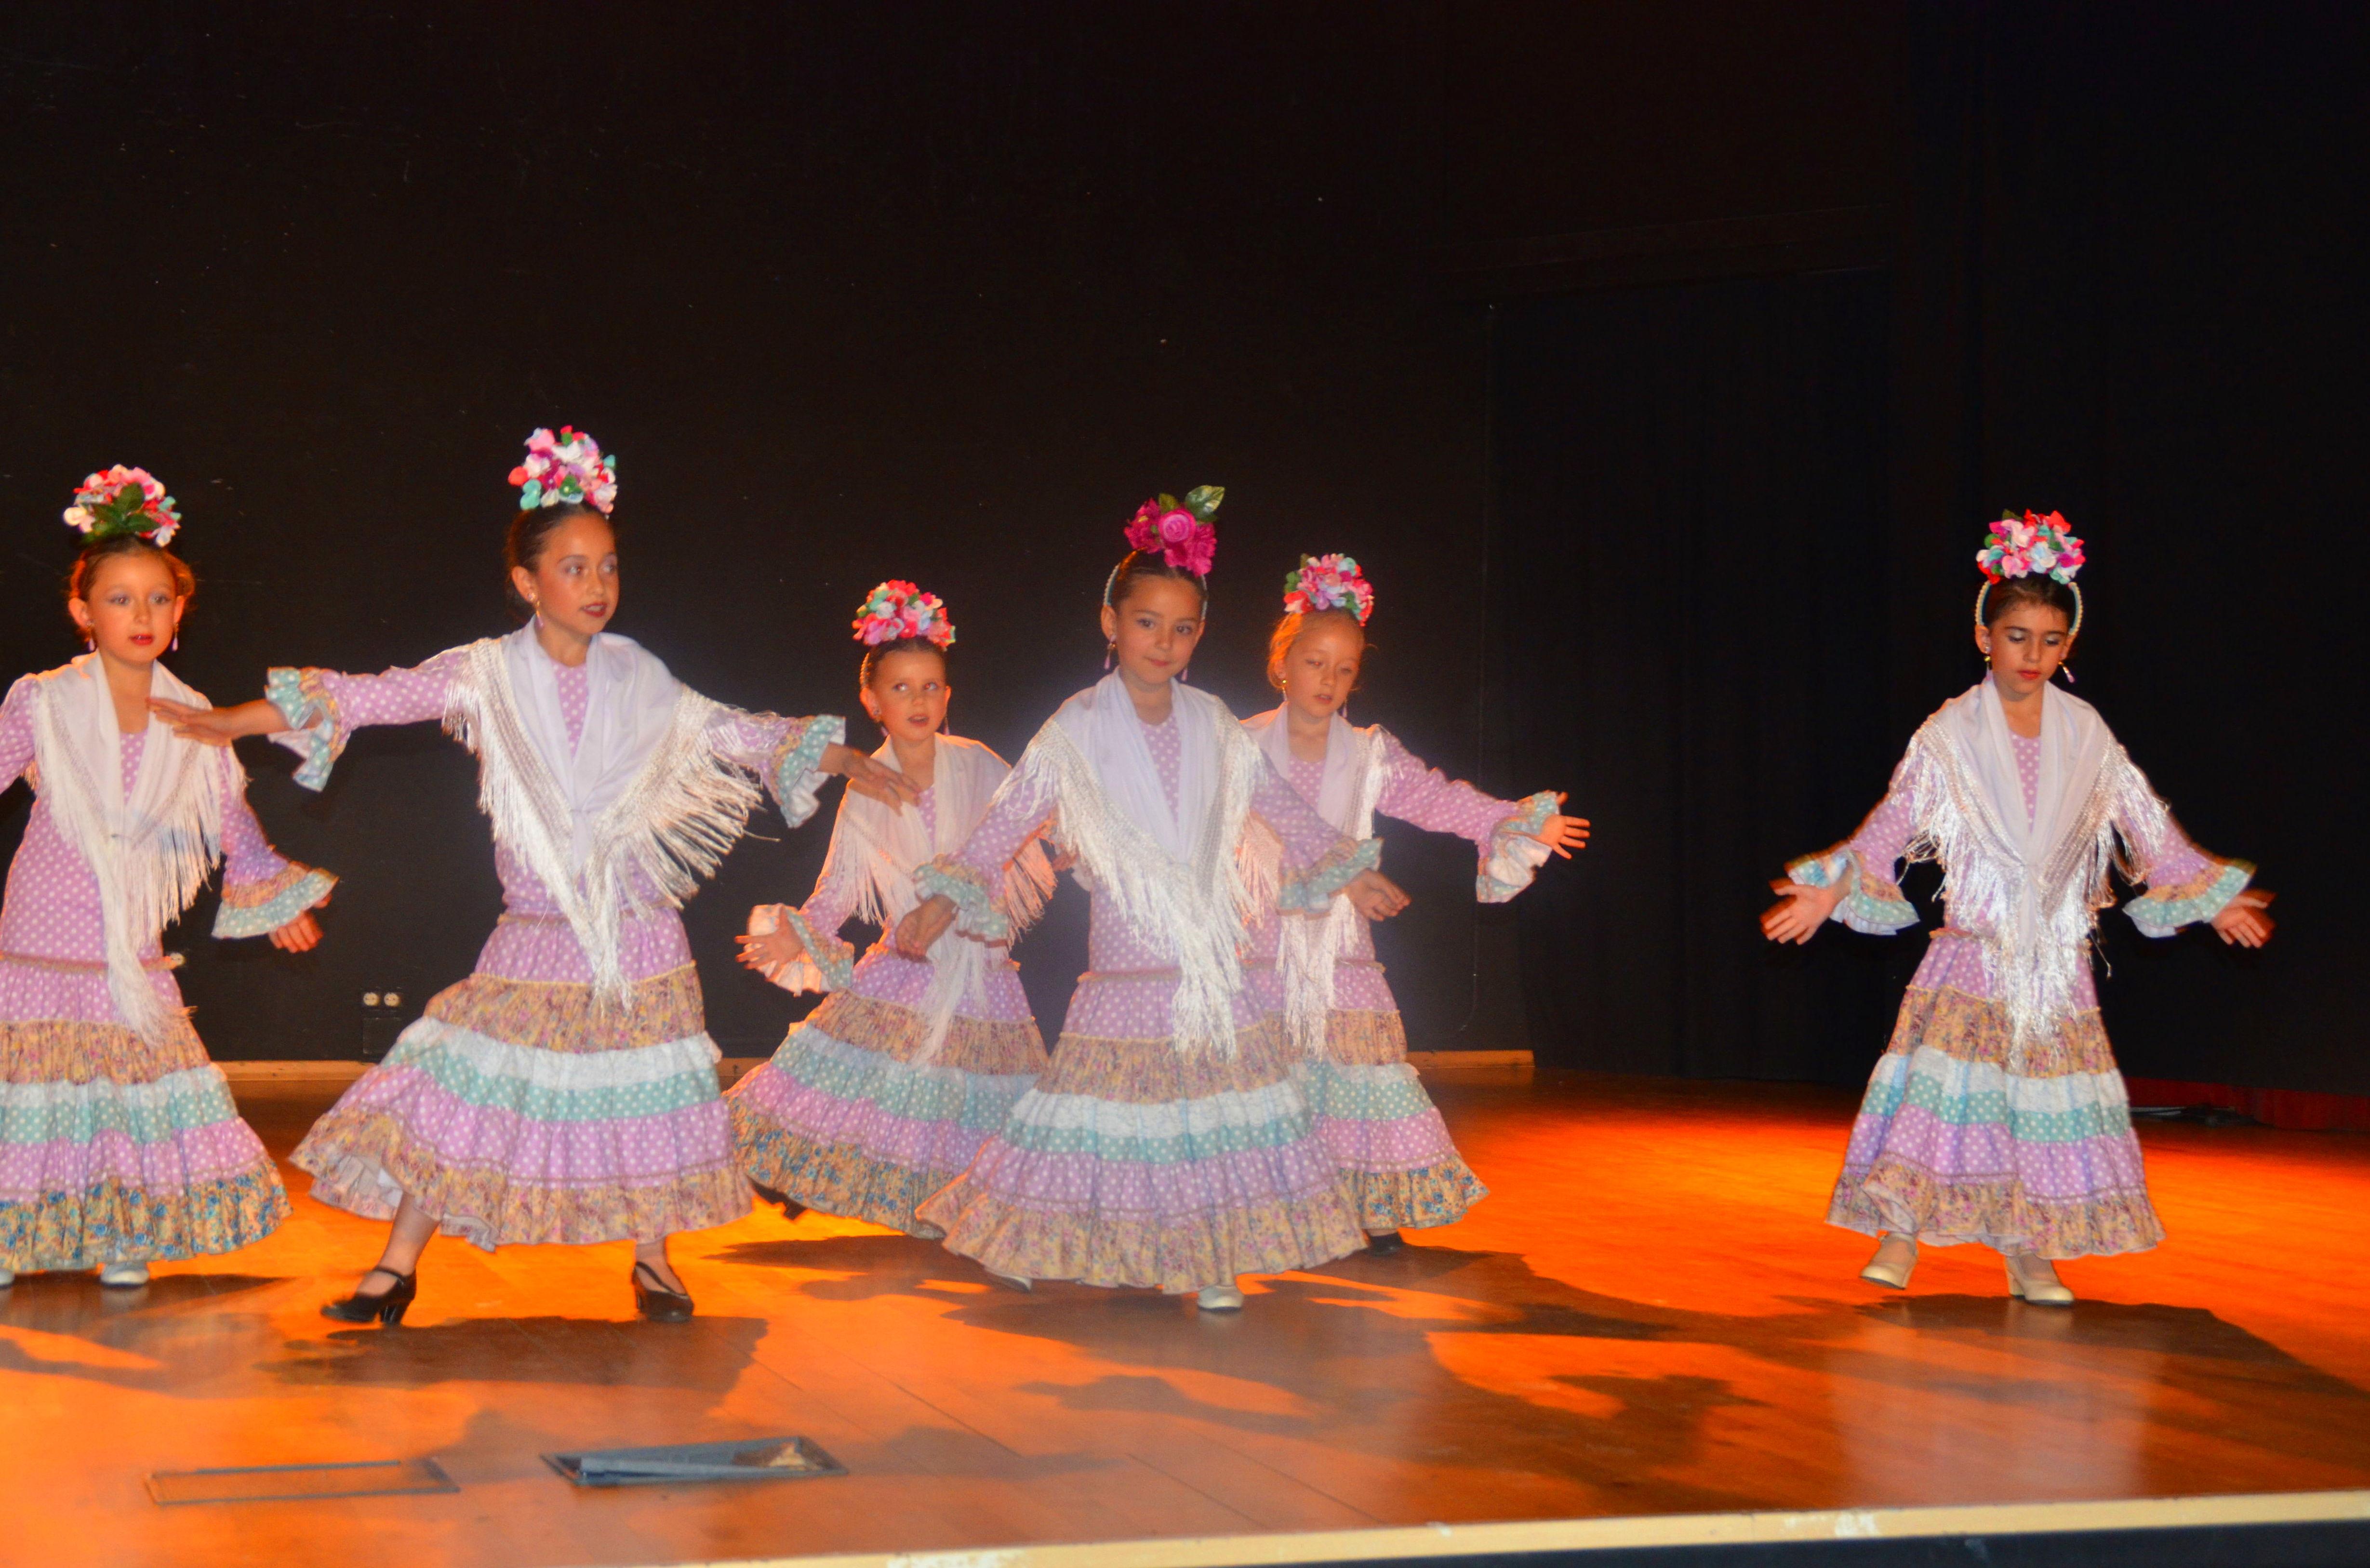 Foto 11 de Escuelas de música, danza e interpretación en Alcalá de Henares | Escuela de Danza Pepe Vento